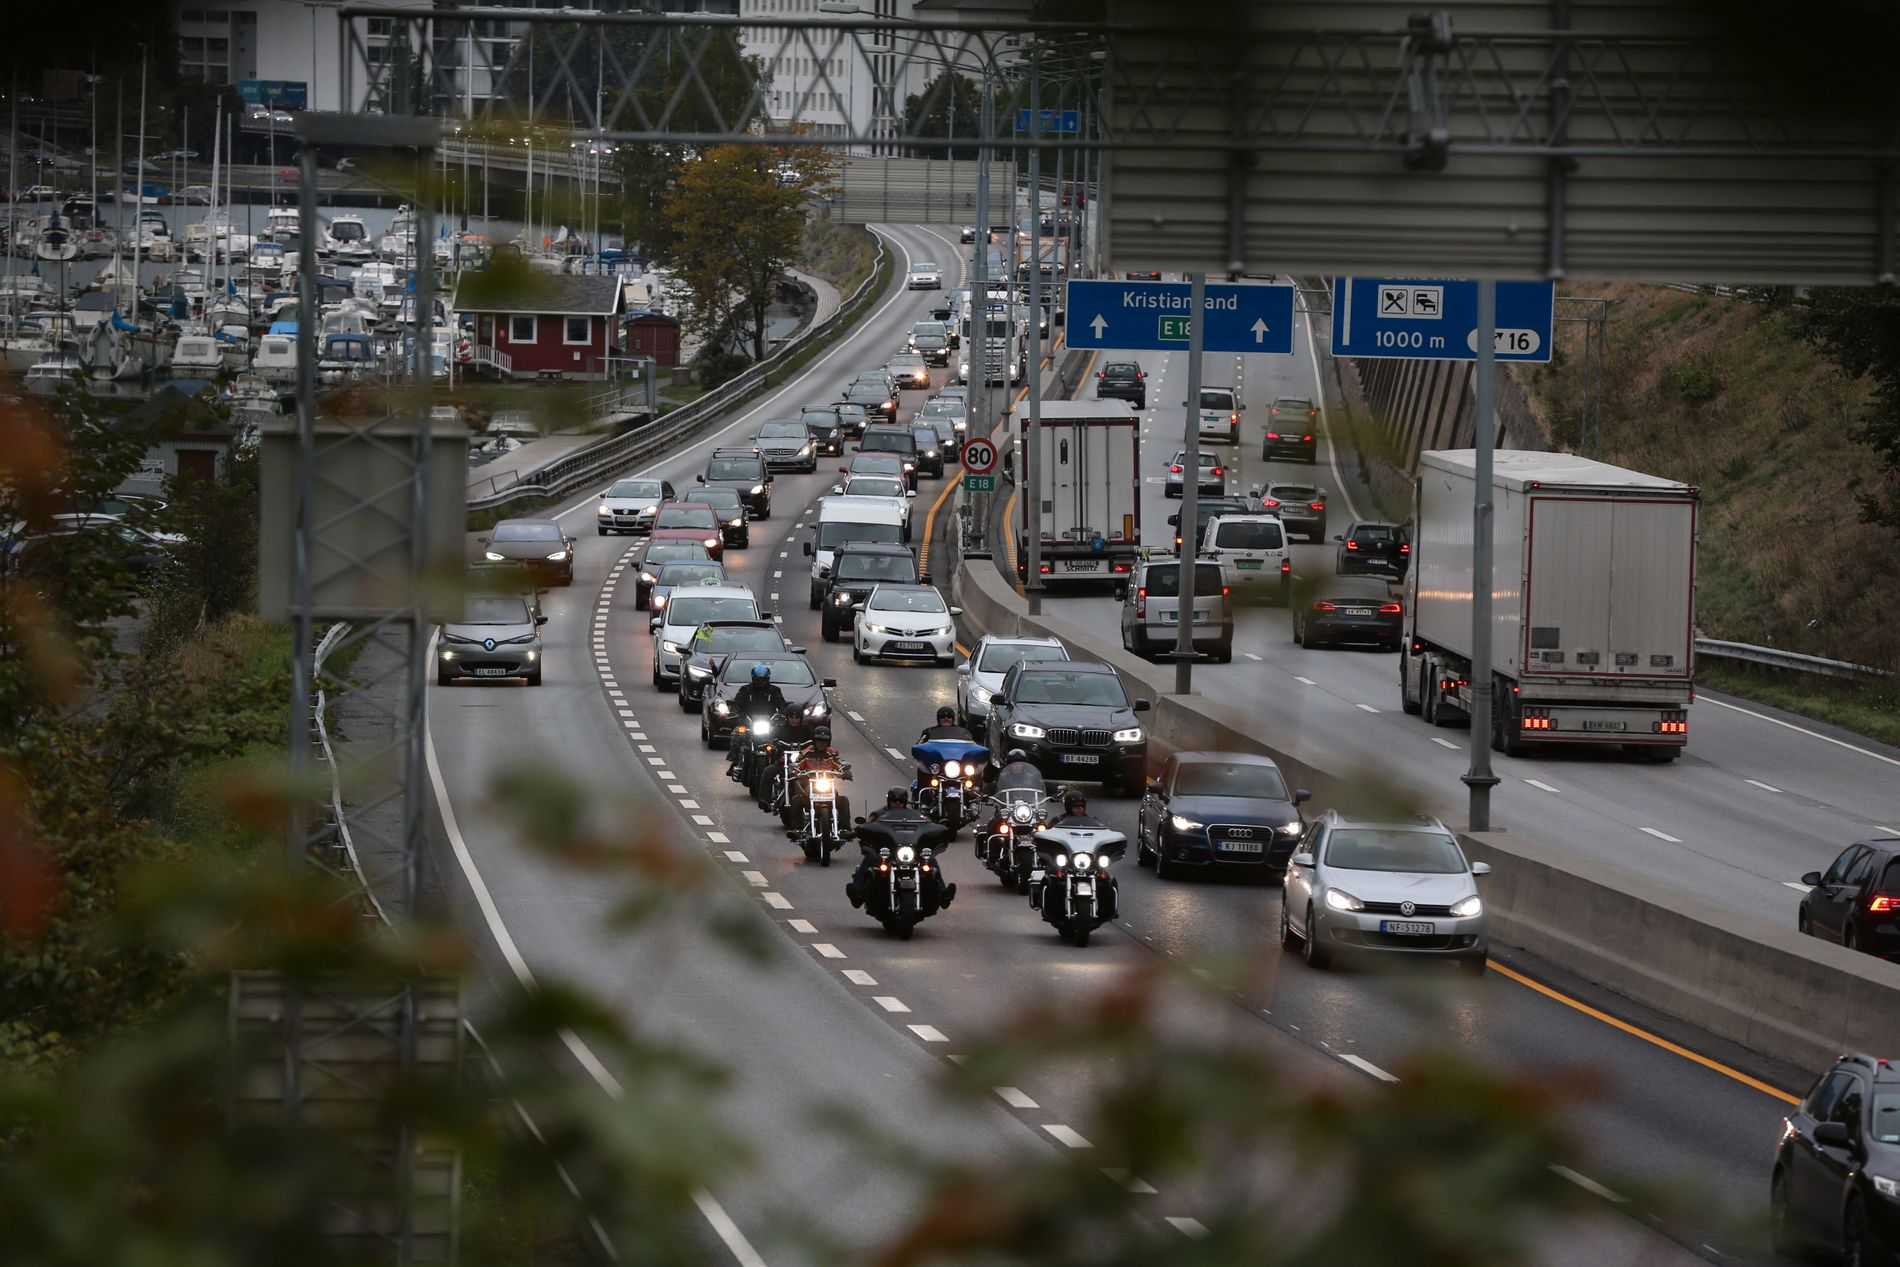 MARGINALT: Transportøkonomisk institutt mener regjeringens bompengeskisse i det store og det hele vil ha liten effekt på bilistenes hverdag.